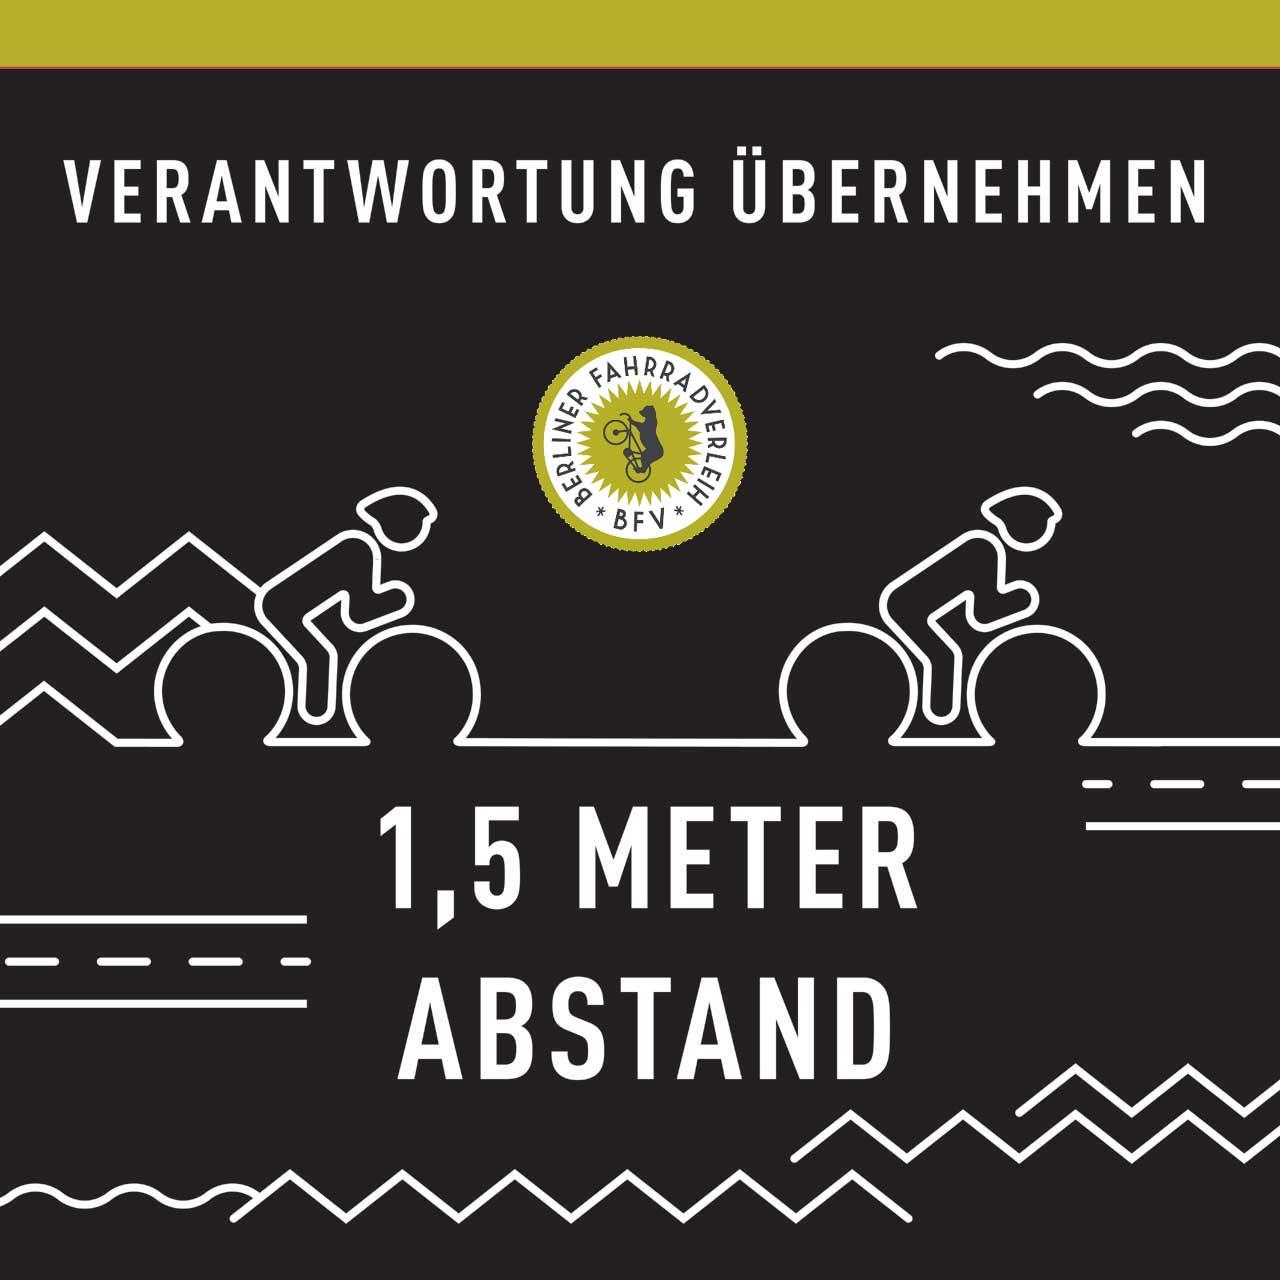 Abstand halten beim Fahrradfahren - Verantwortung übernehmen - Berliner Fahrradlverleih